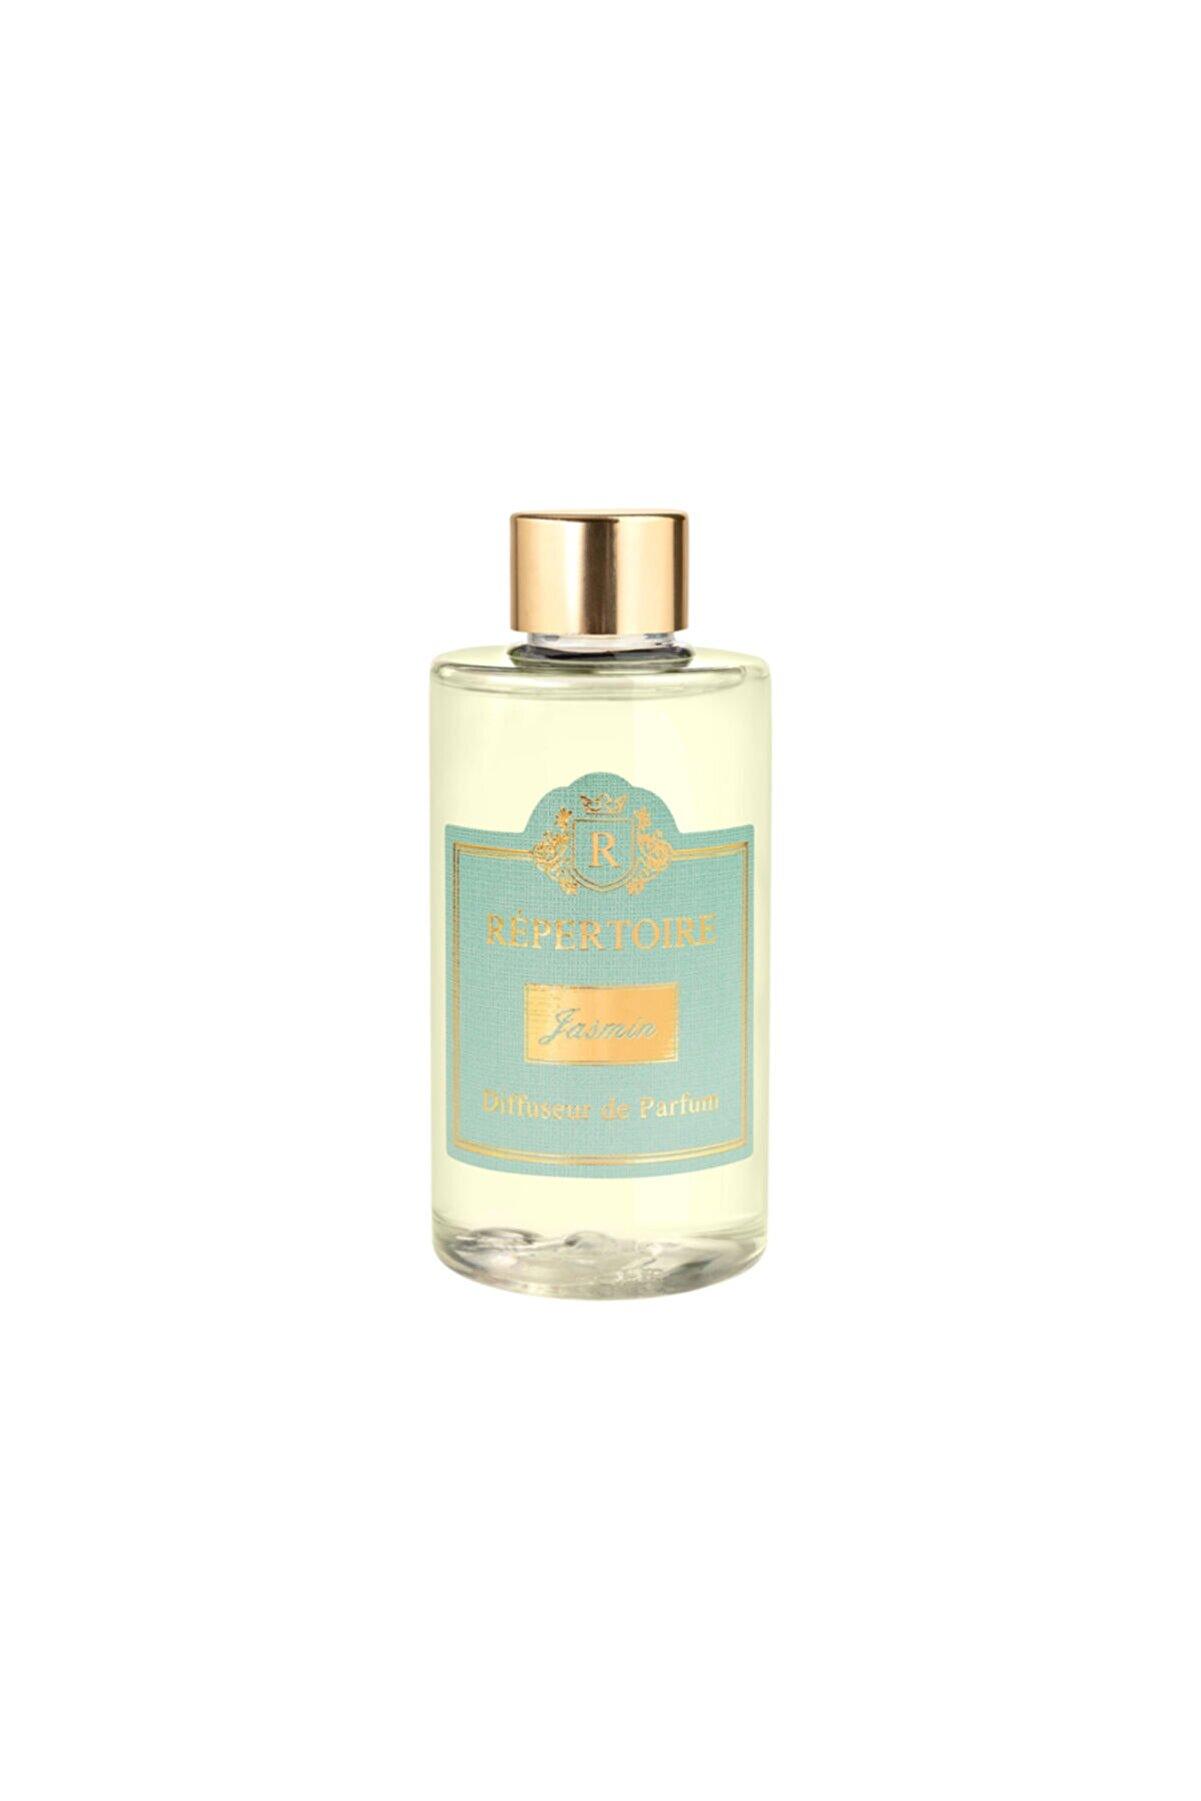 Madame Coco Répertoıre Çubuklu Oda Parfümü Refill (ekonomik Şişe) 200 Ml Jasmin (yasemin)